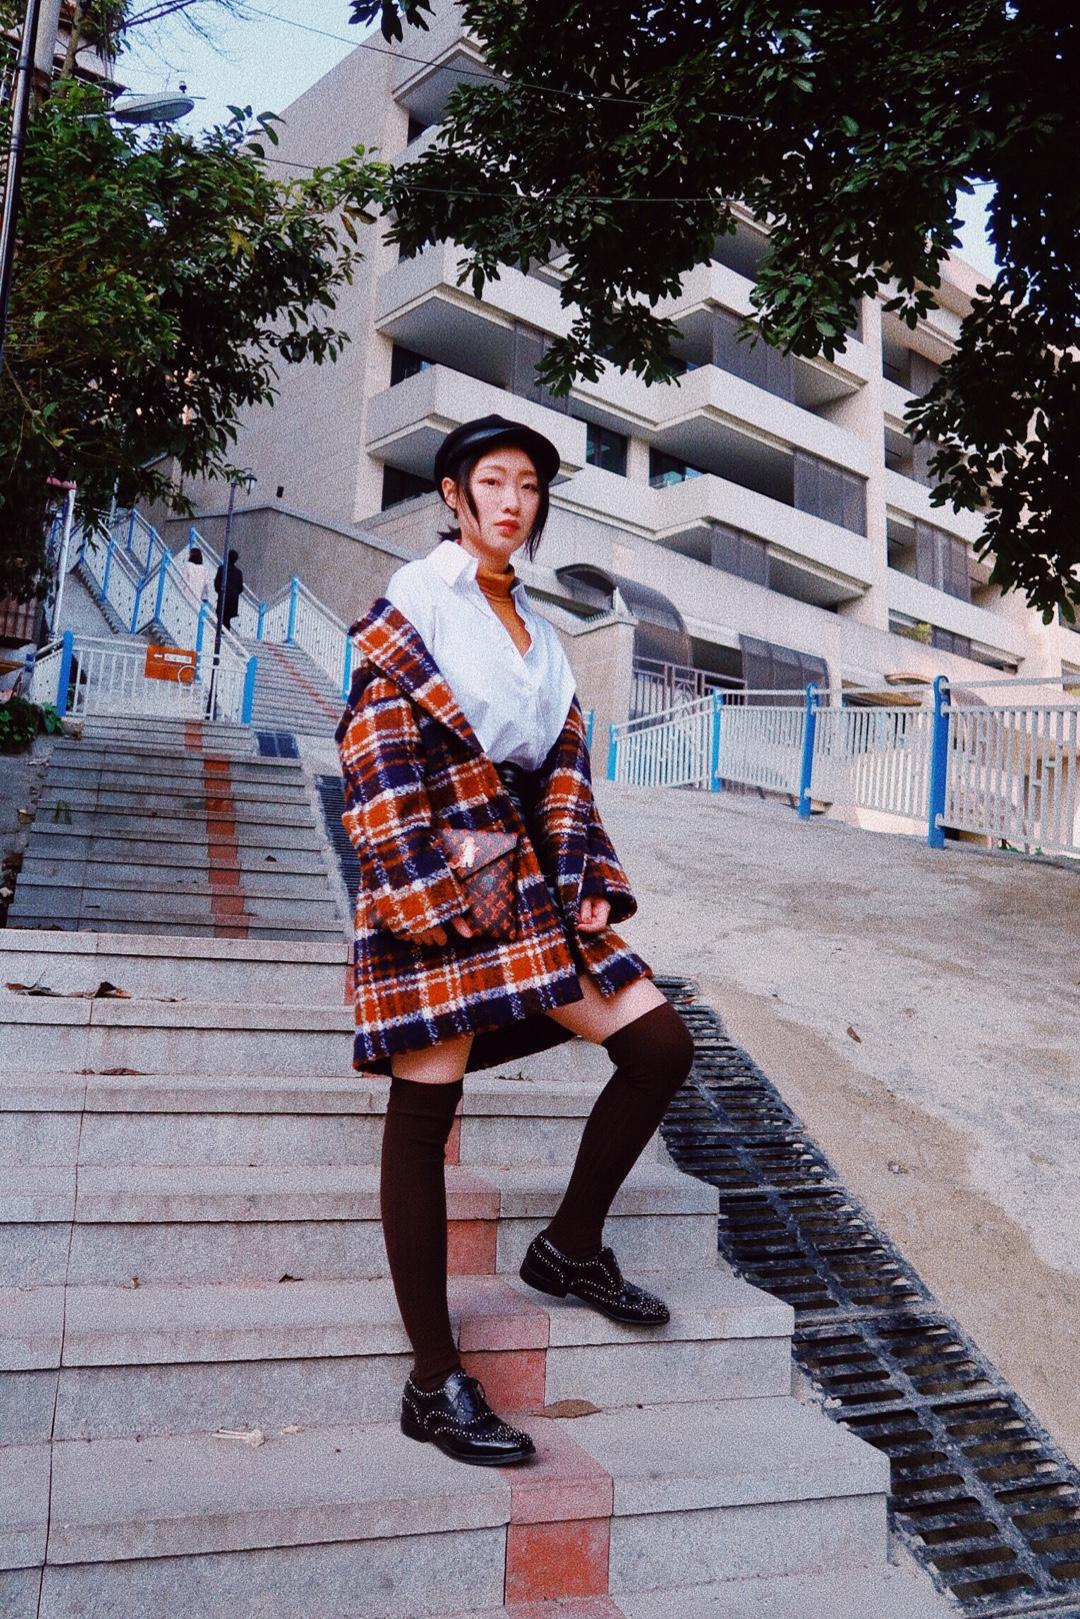 早春大衣穿搭 虽然说天气渐暖,但是也需要掌握春捂秋冻这个关键词 格纹大衣从冬季爱用到春季 适当的露出腿部肌肤,迎接春天的到来 #PLMM都爱穿的衬衫,安排上了!#